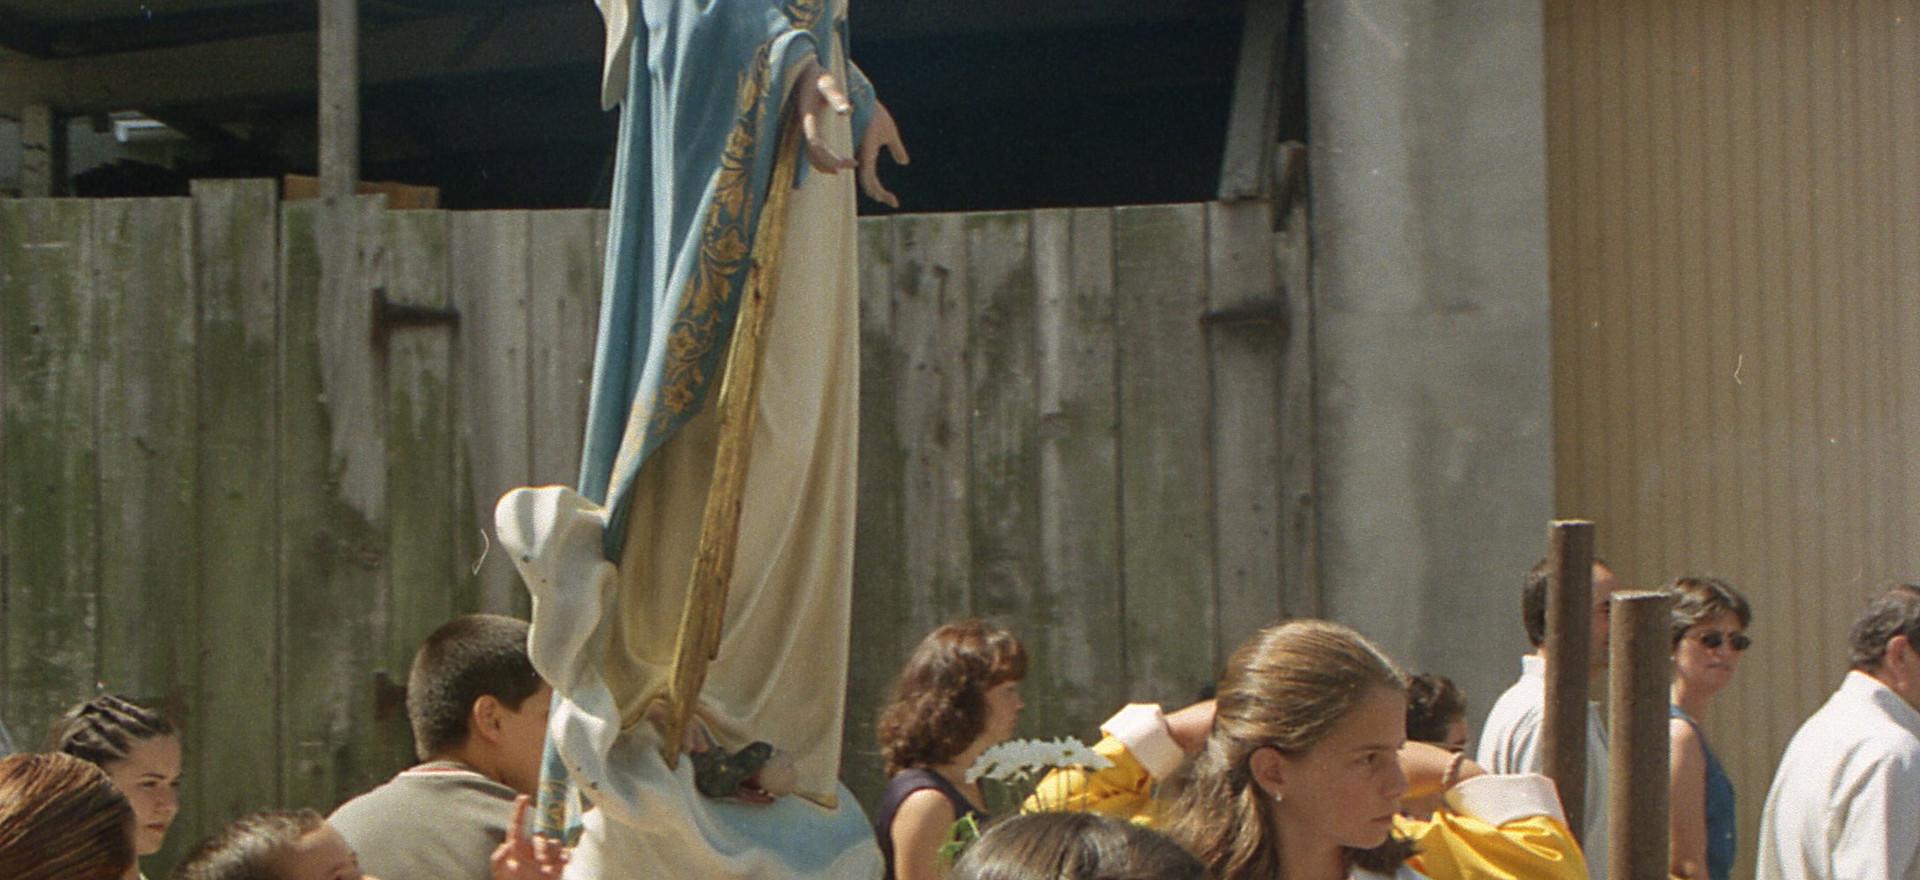 99_09_04_Mozos e mozas de Beluso_017.jpg